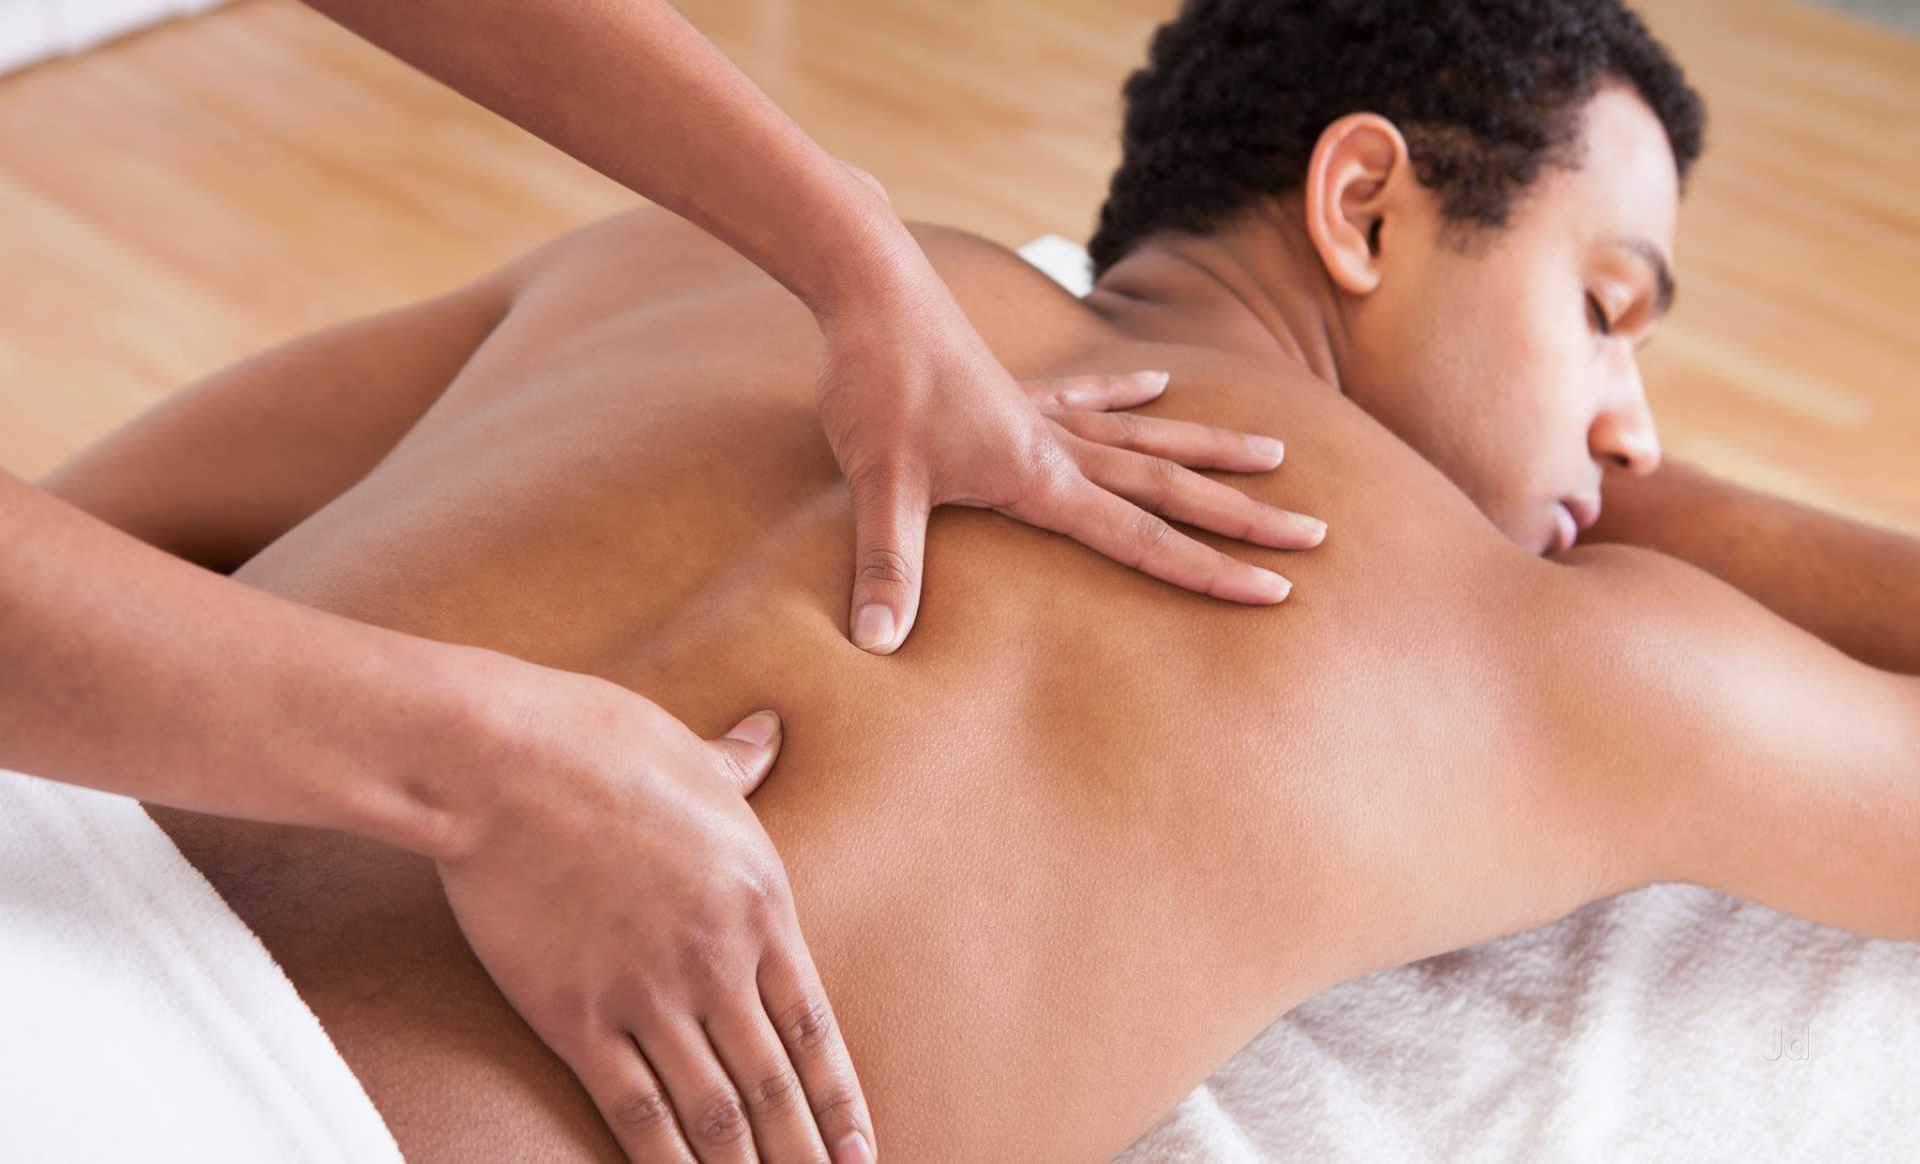 Male To male Body Massage Service In Delhi